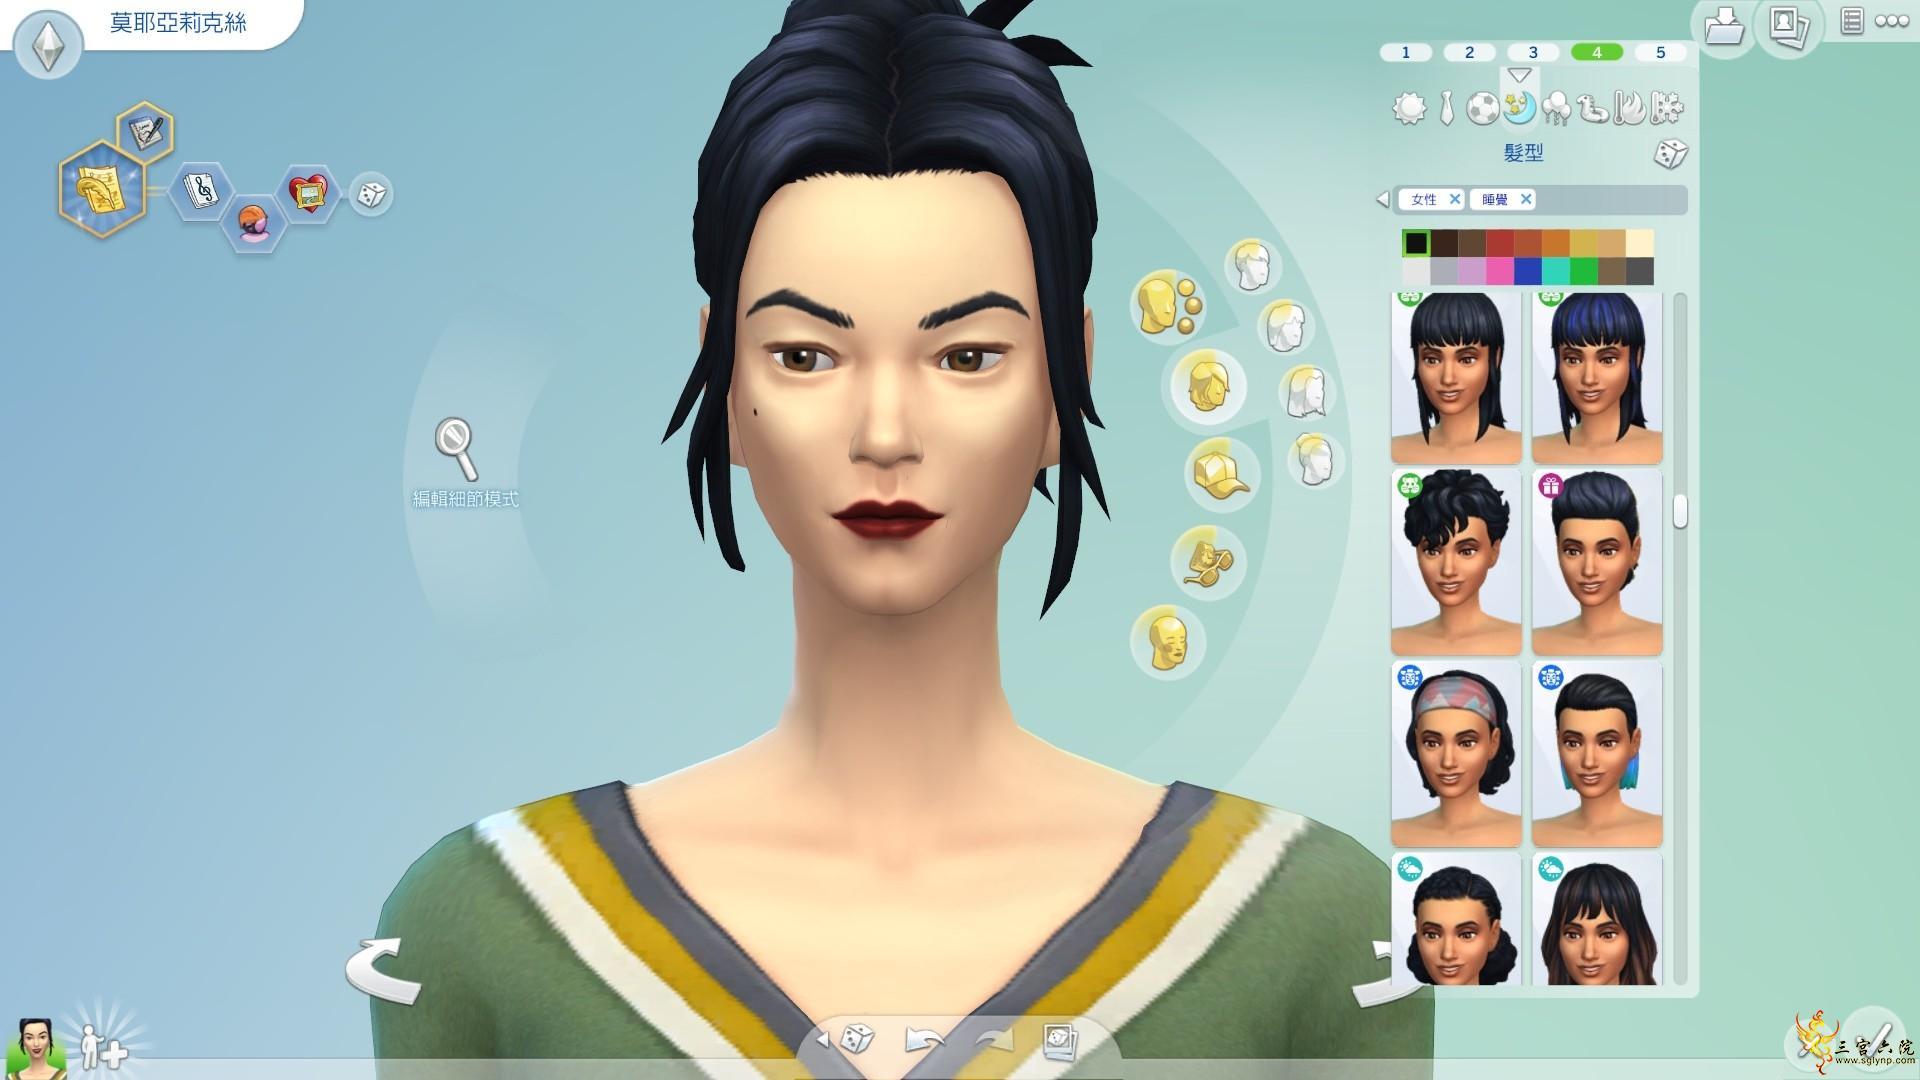 Sims 4 Screenshot 2021.07.17 - 18.29.50.38.png